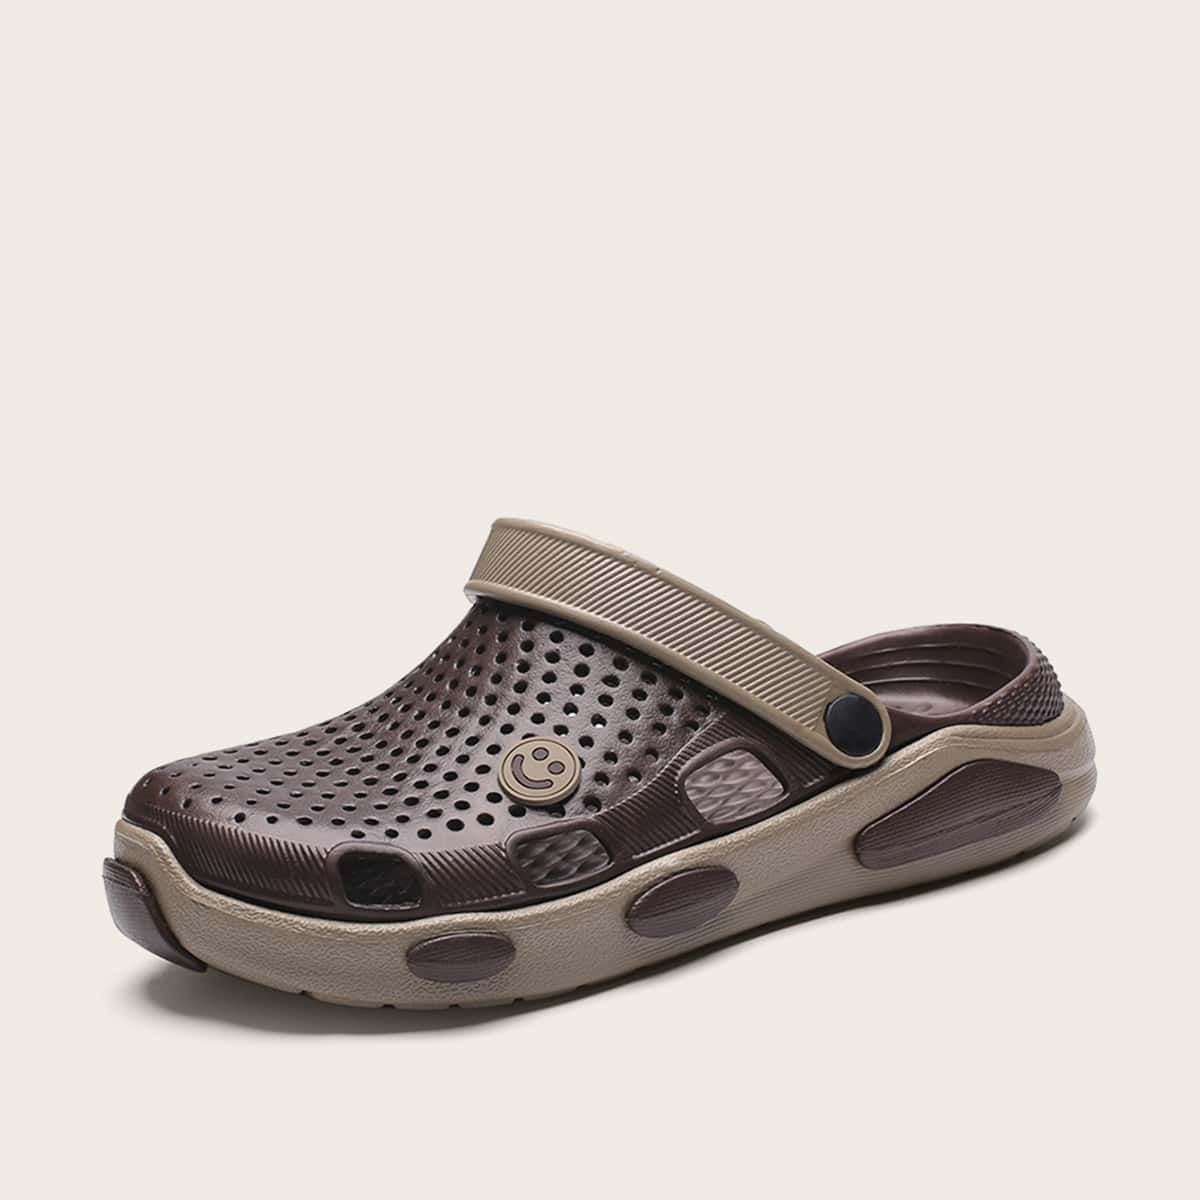 Mannen Smile Face Decor uitgehold sandalen